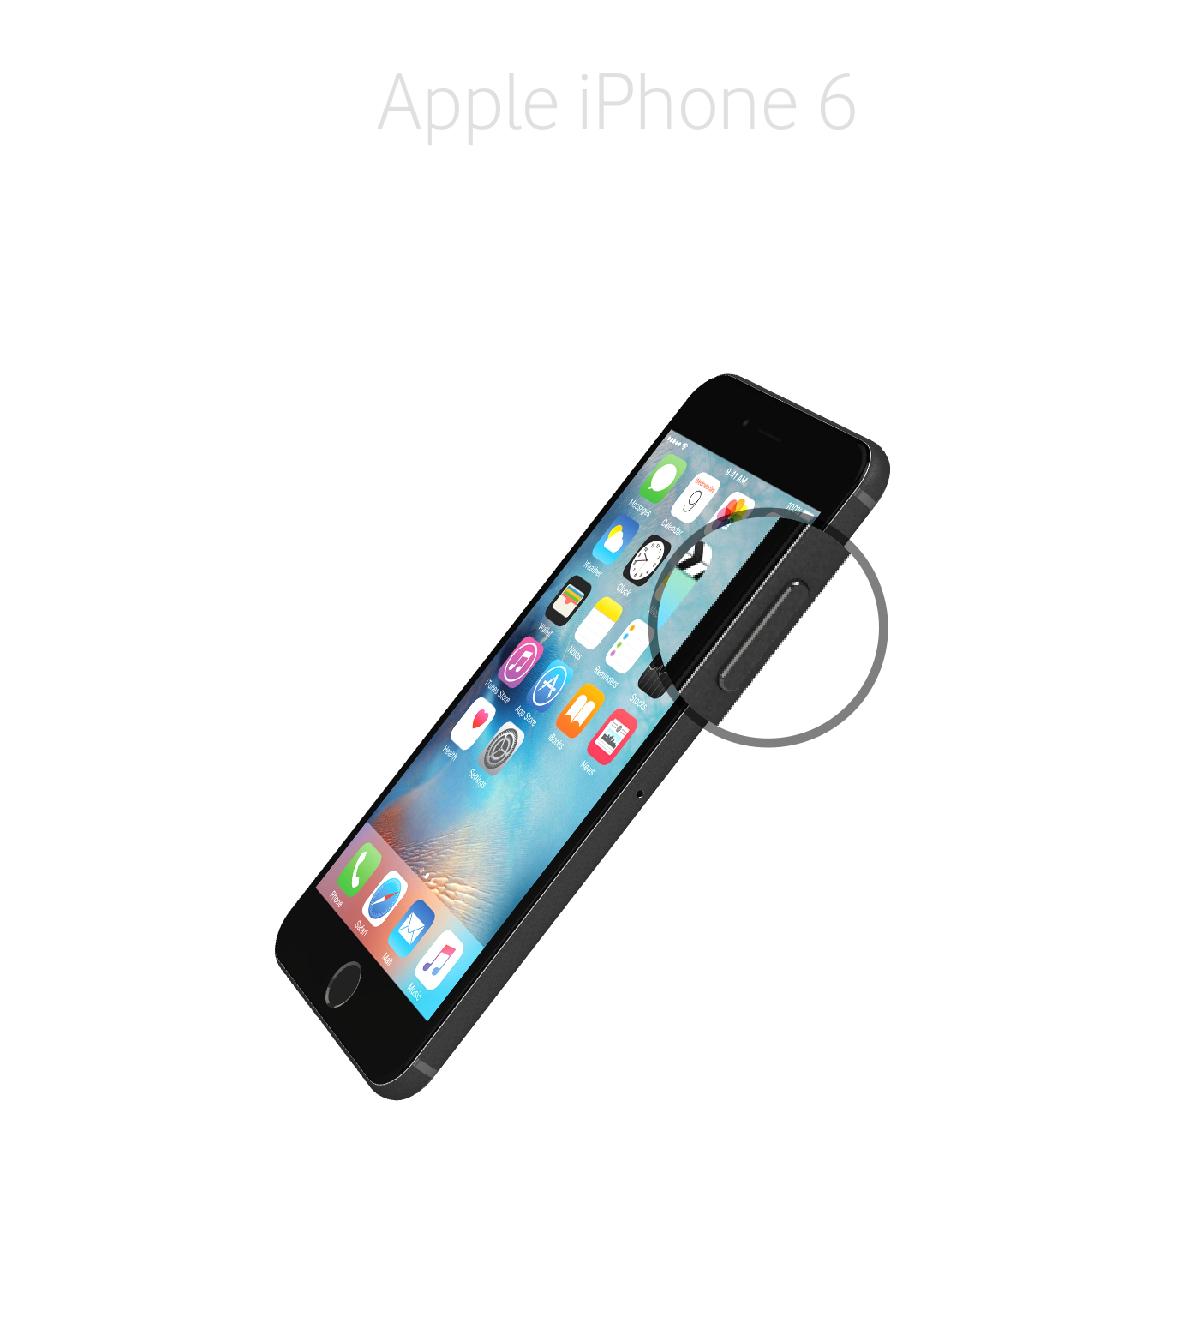 Laga sidoknapp iPhone 6